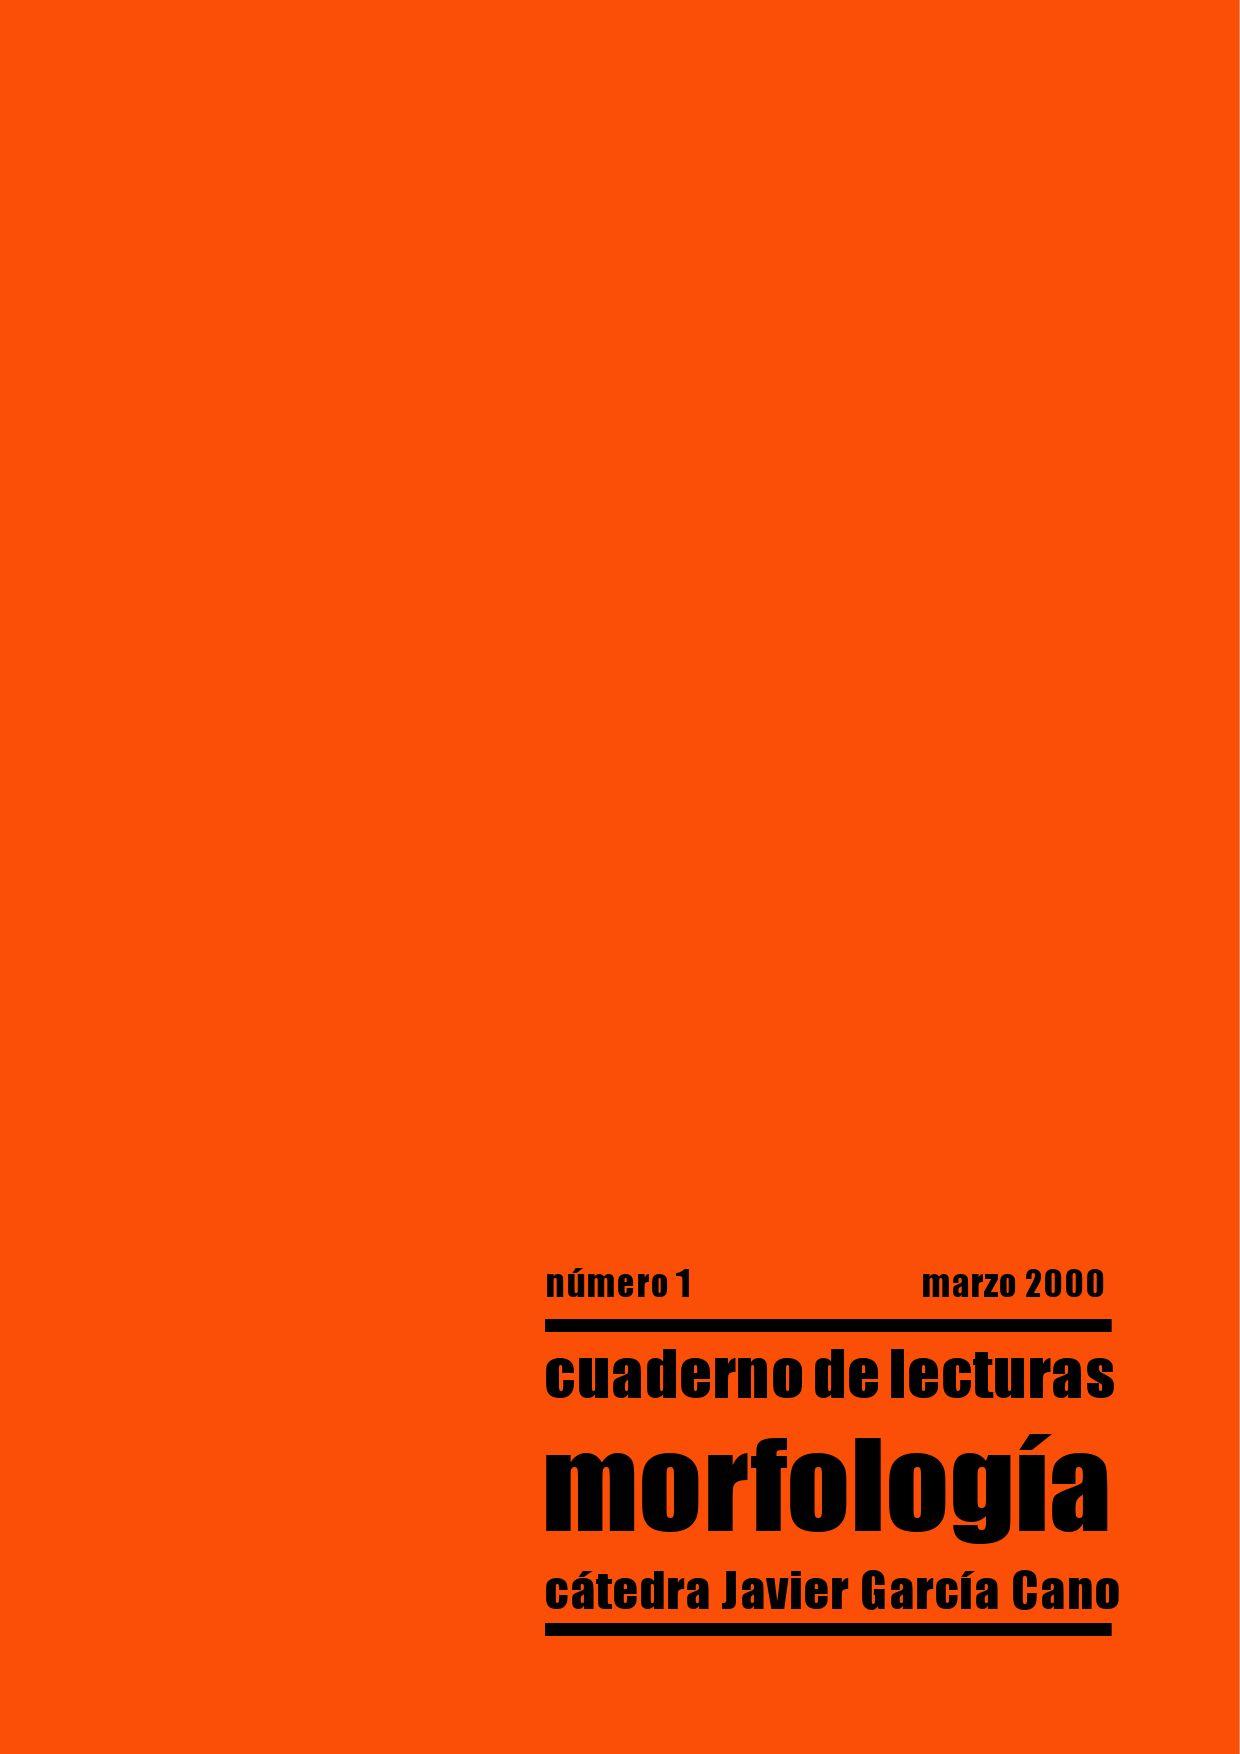 Cuaderno De Lecturas Morfología N 1 By Roberto Lombardi